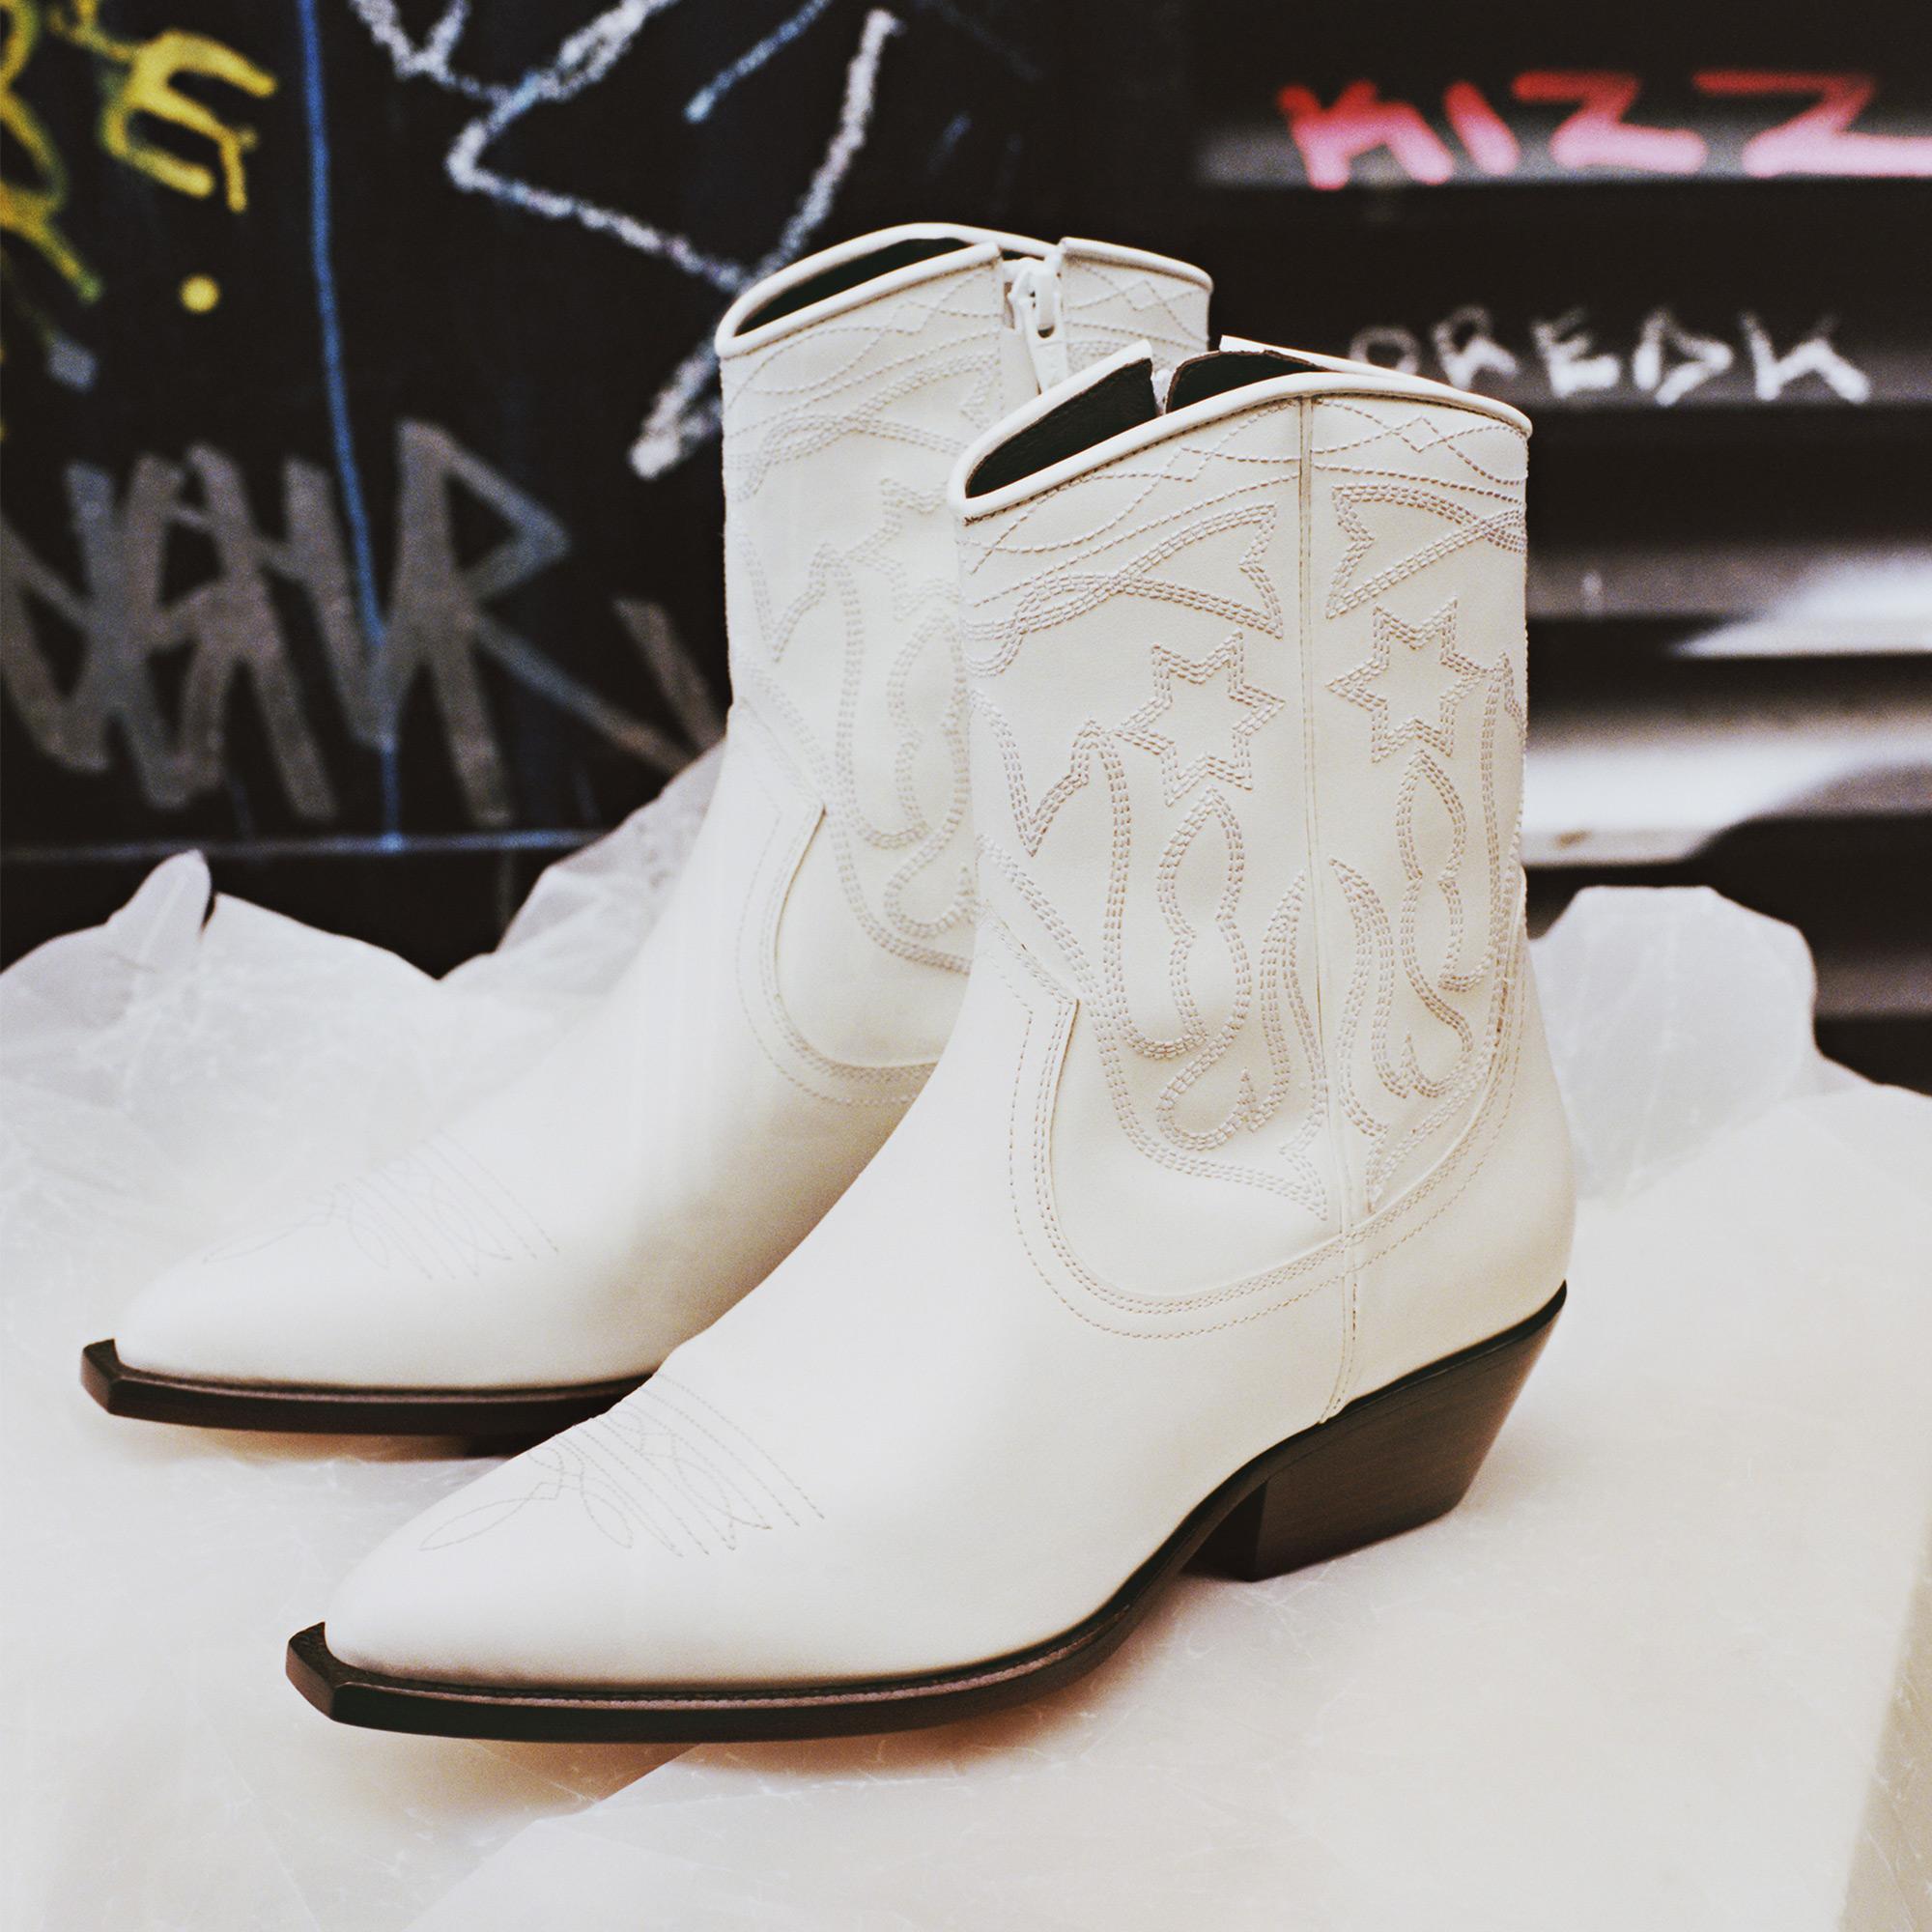 737f9d1e9c9 sandro-paris.com Leather cowboy boots   Shoes color White